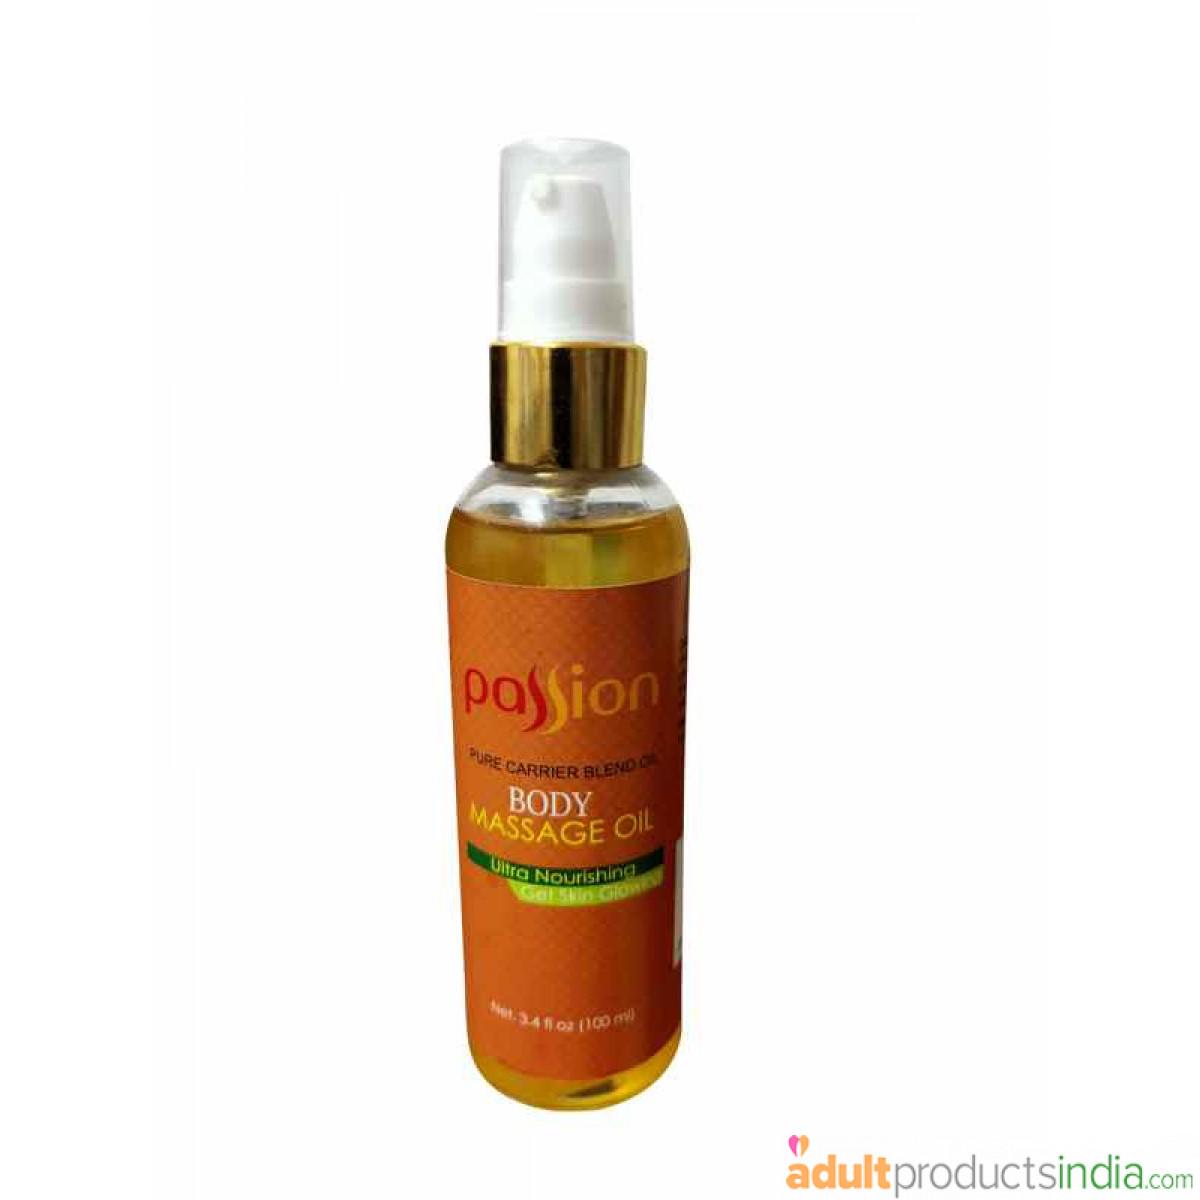 Passion - Body Massage Oil - Ultra Nourishing